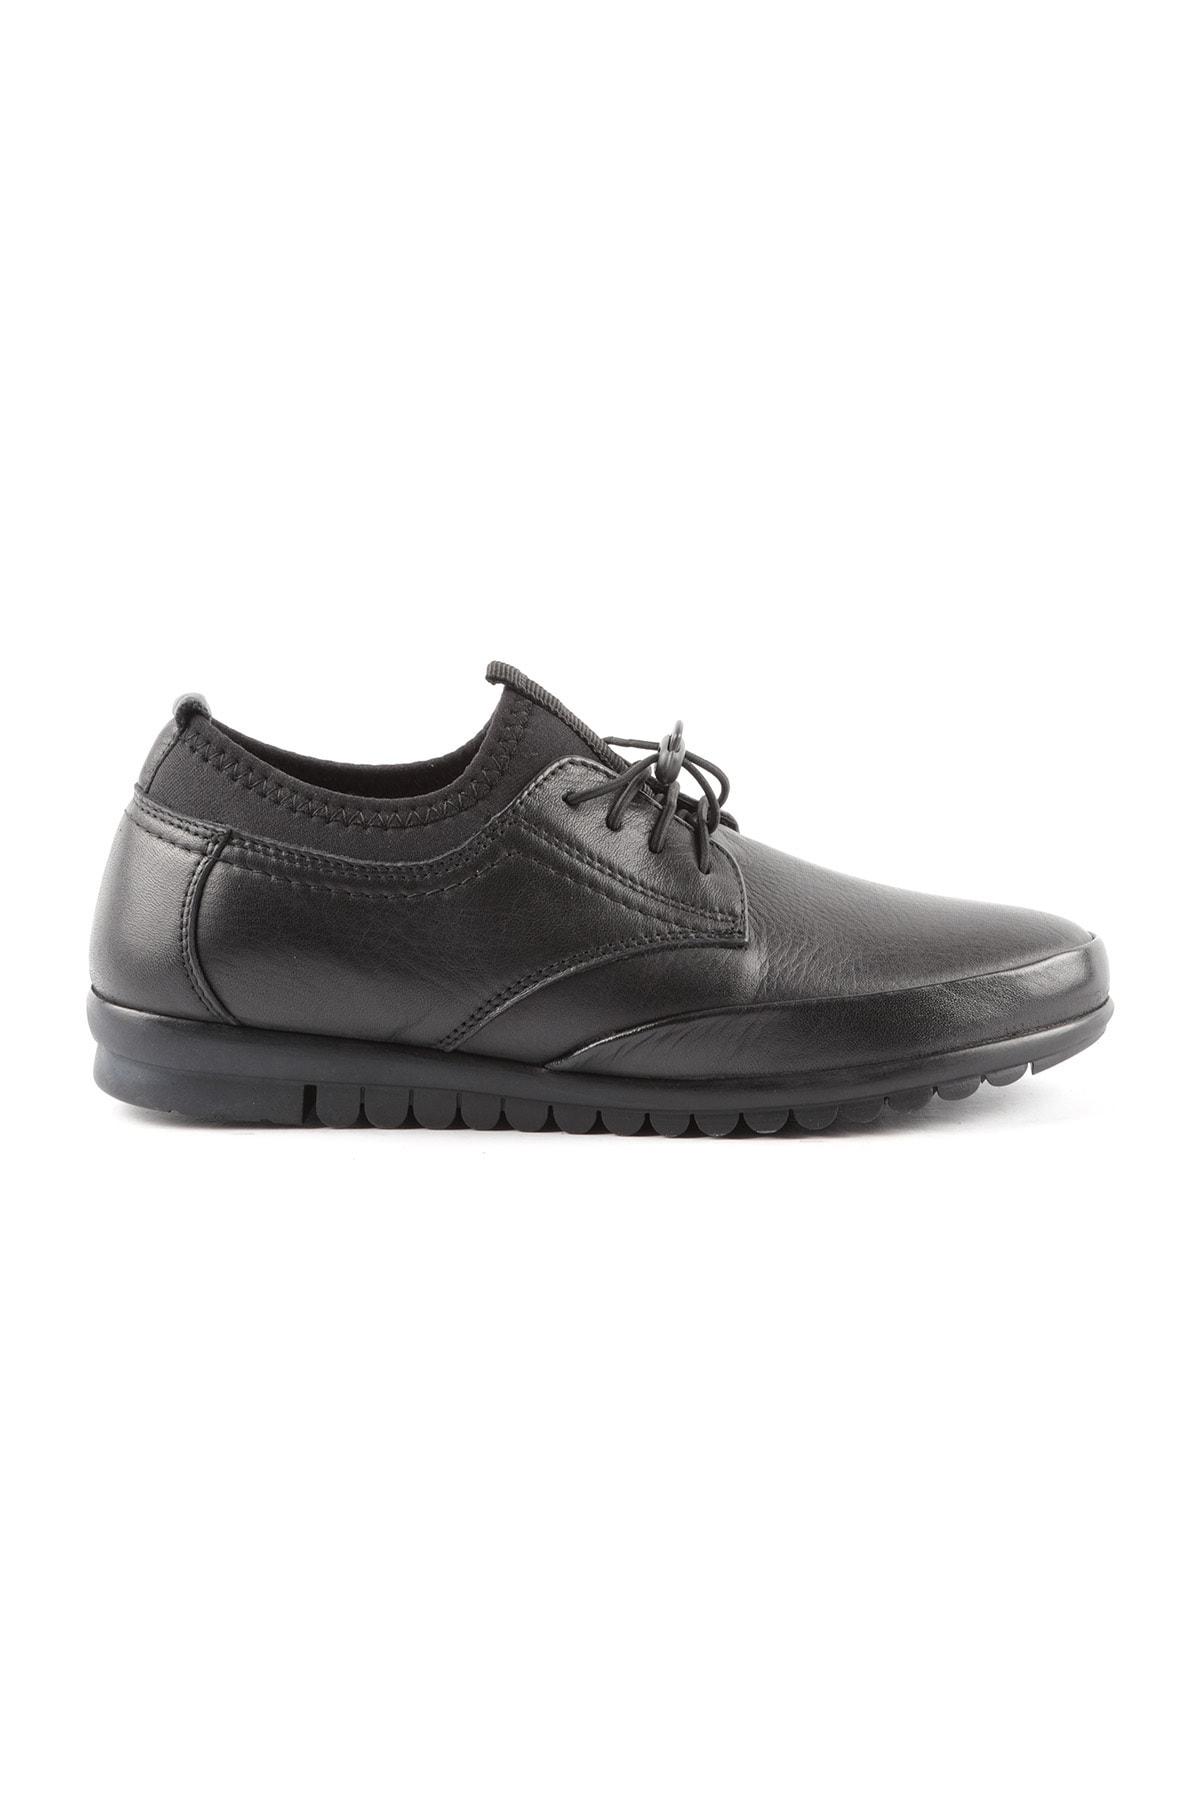 Libero Kadın Siyah Bağıcıklı Spor Ayakkabı 5074 2